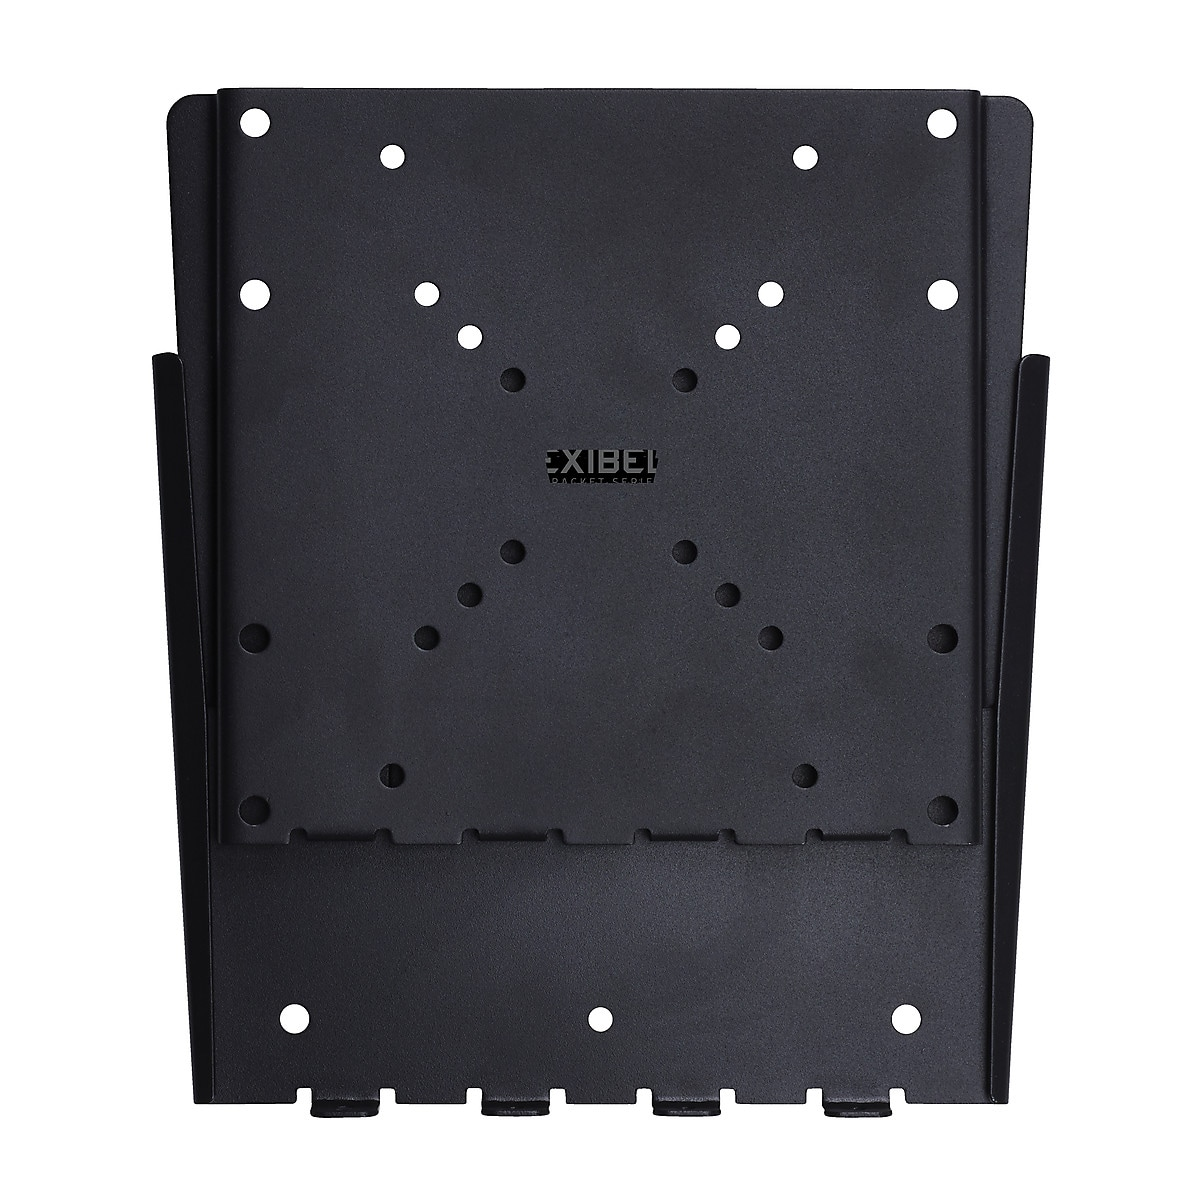 Väggfäste för TV/monitor Exibel